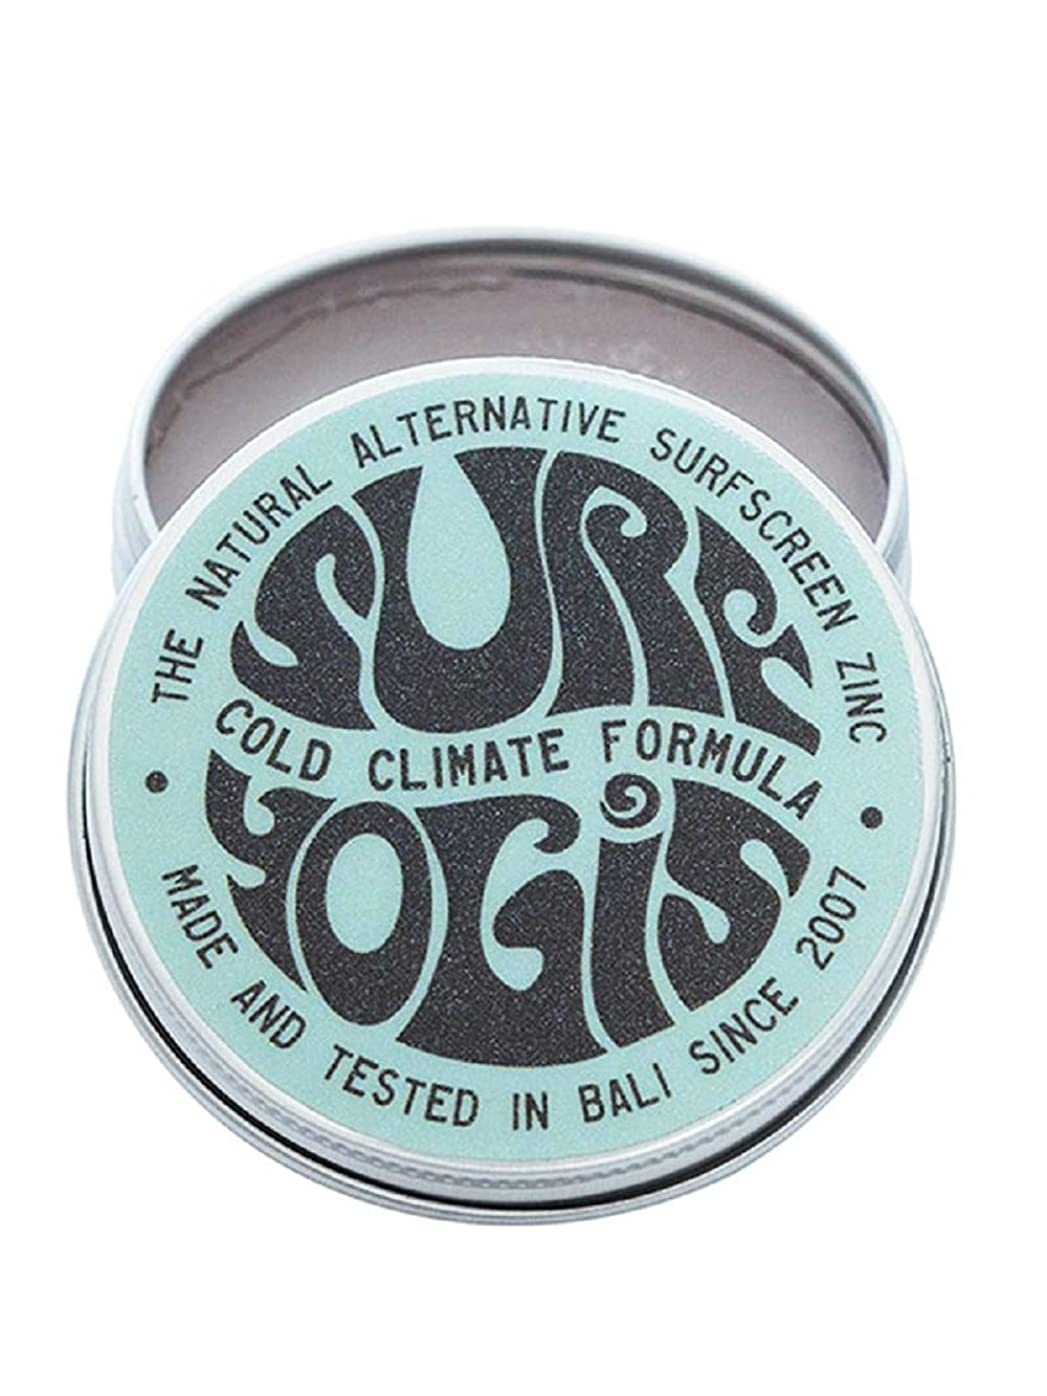 領事館破壊するスクラッチSURF YOGIS(サーフヨギ) ナチュラルサーフスクリーン COLD CLIMATE FORMULA フォーミュラ 冬用 柔らかめ 日焼け止め オーガニック素材 60g SPF50 ノンケミカル